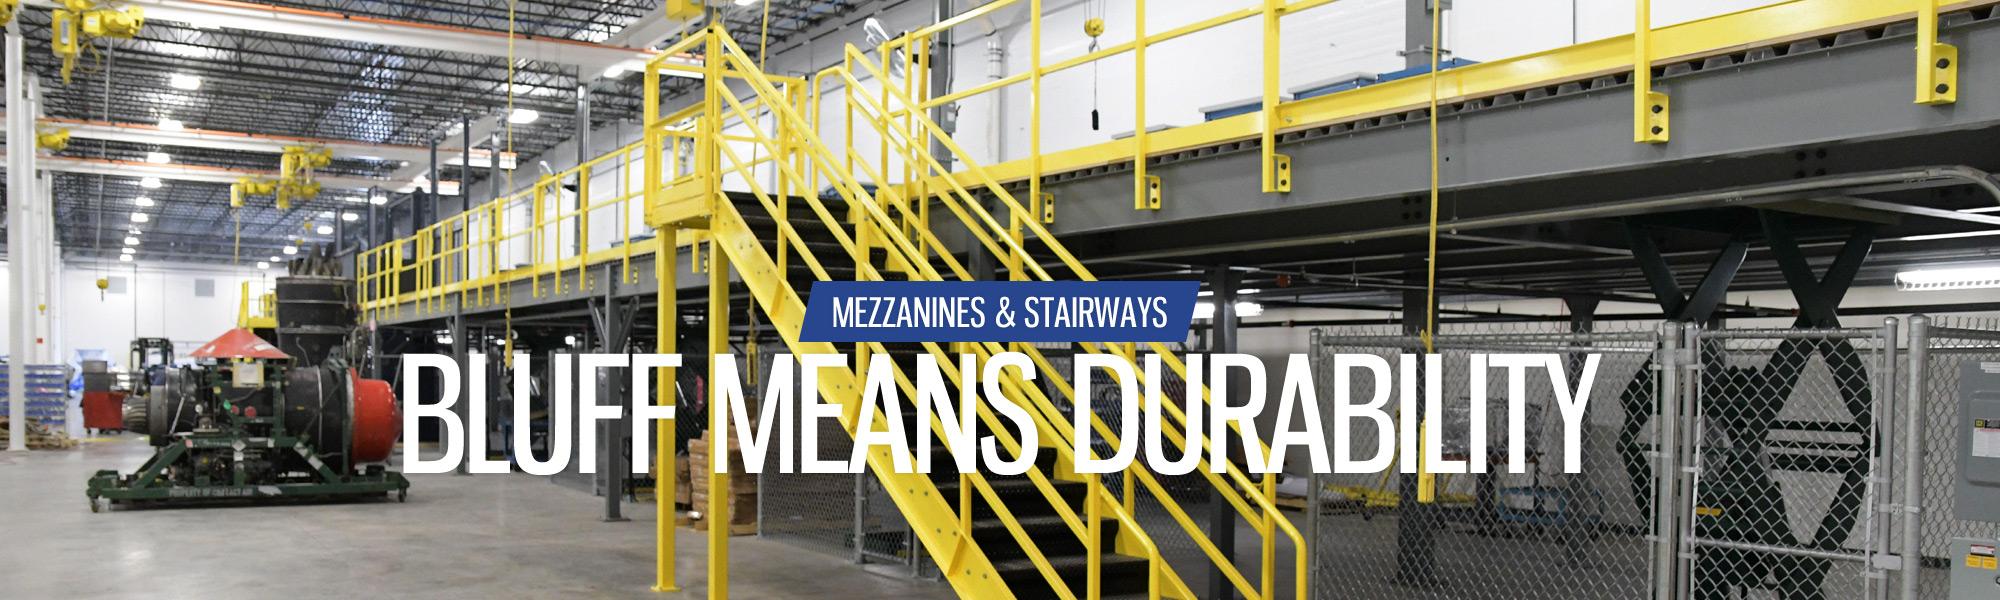 Mezzanines & Stairways | Yard Ramps | Dock Plates | Dock Boards | Mezzanines | Steel Dock Board 1